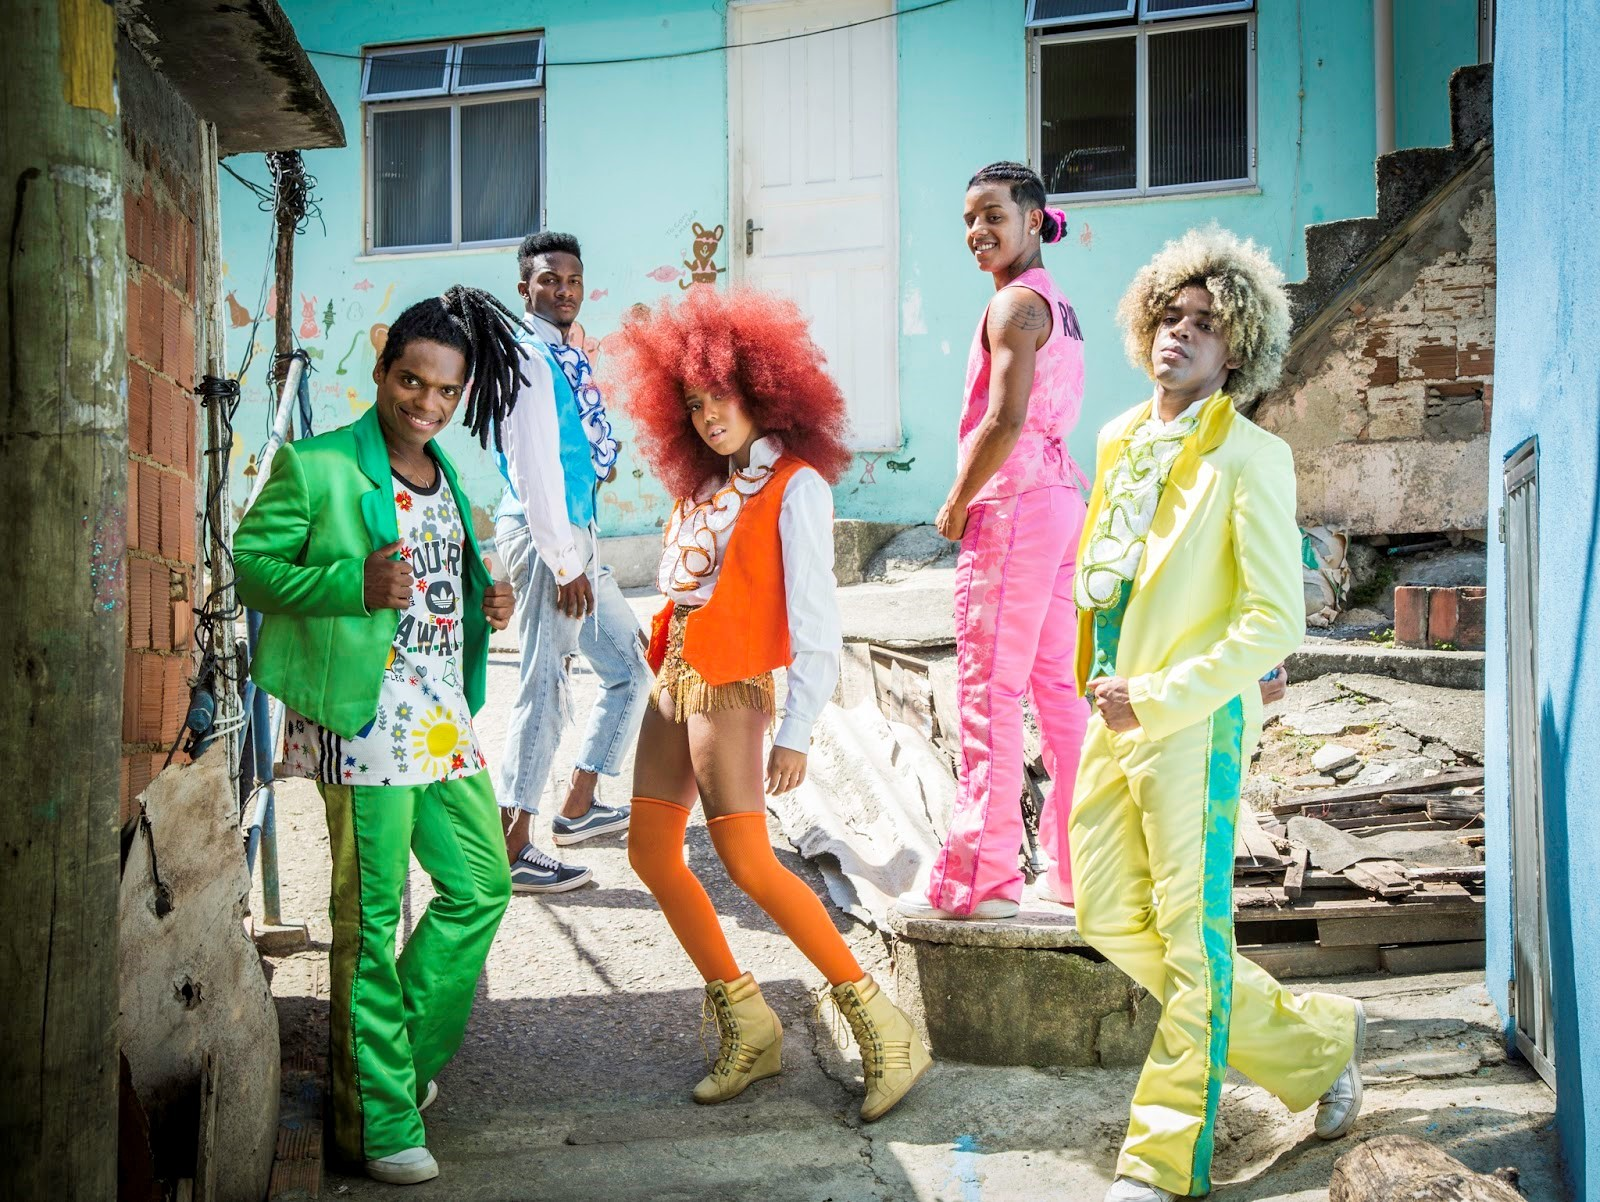 O Dream Team do Passinho faz homenagem ao grupo Jackson 5 (Foto: Divulgao)